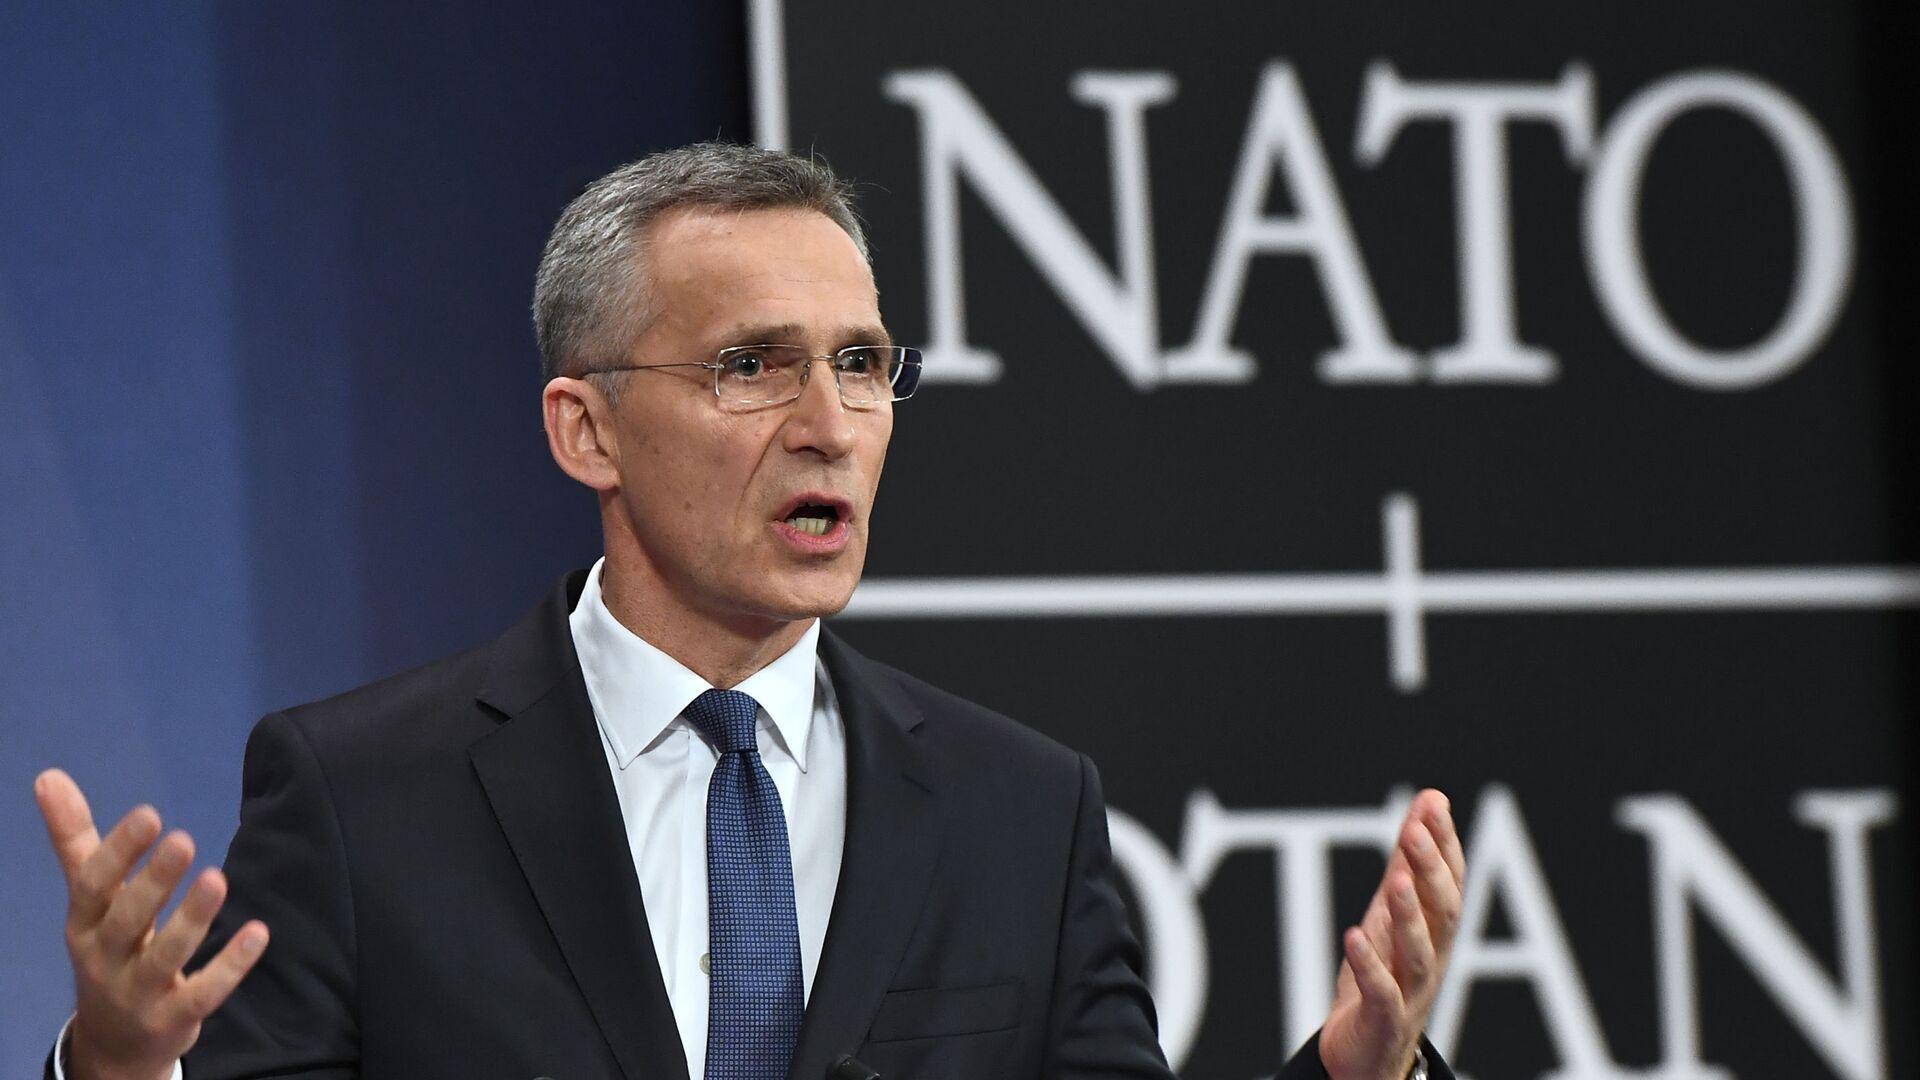 Generální tajemník NATO Jens Stoltenberg - Sputnik Česká republika, 1920, 26.08.2021